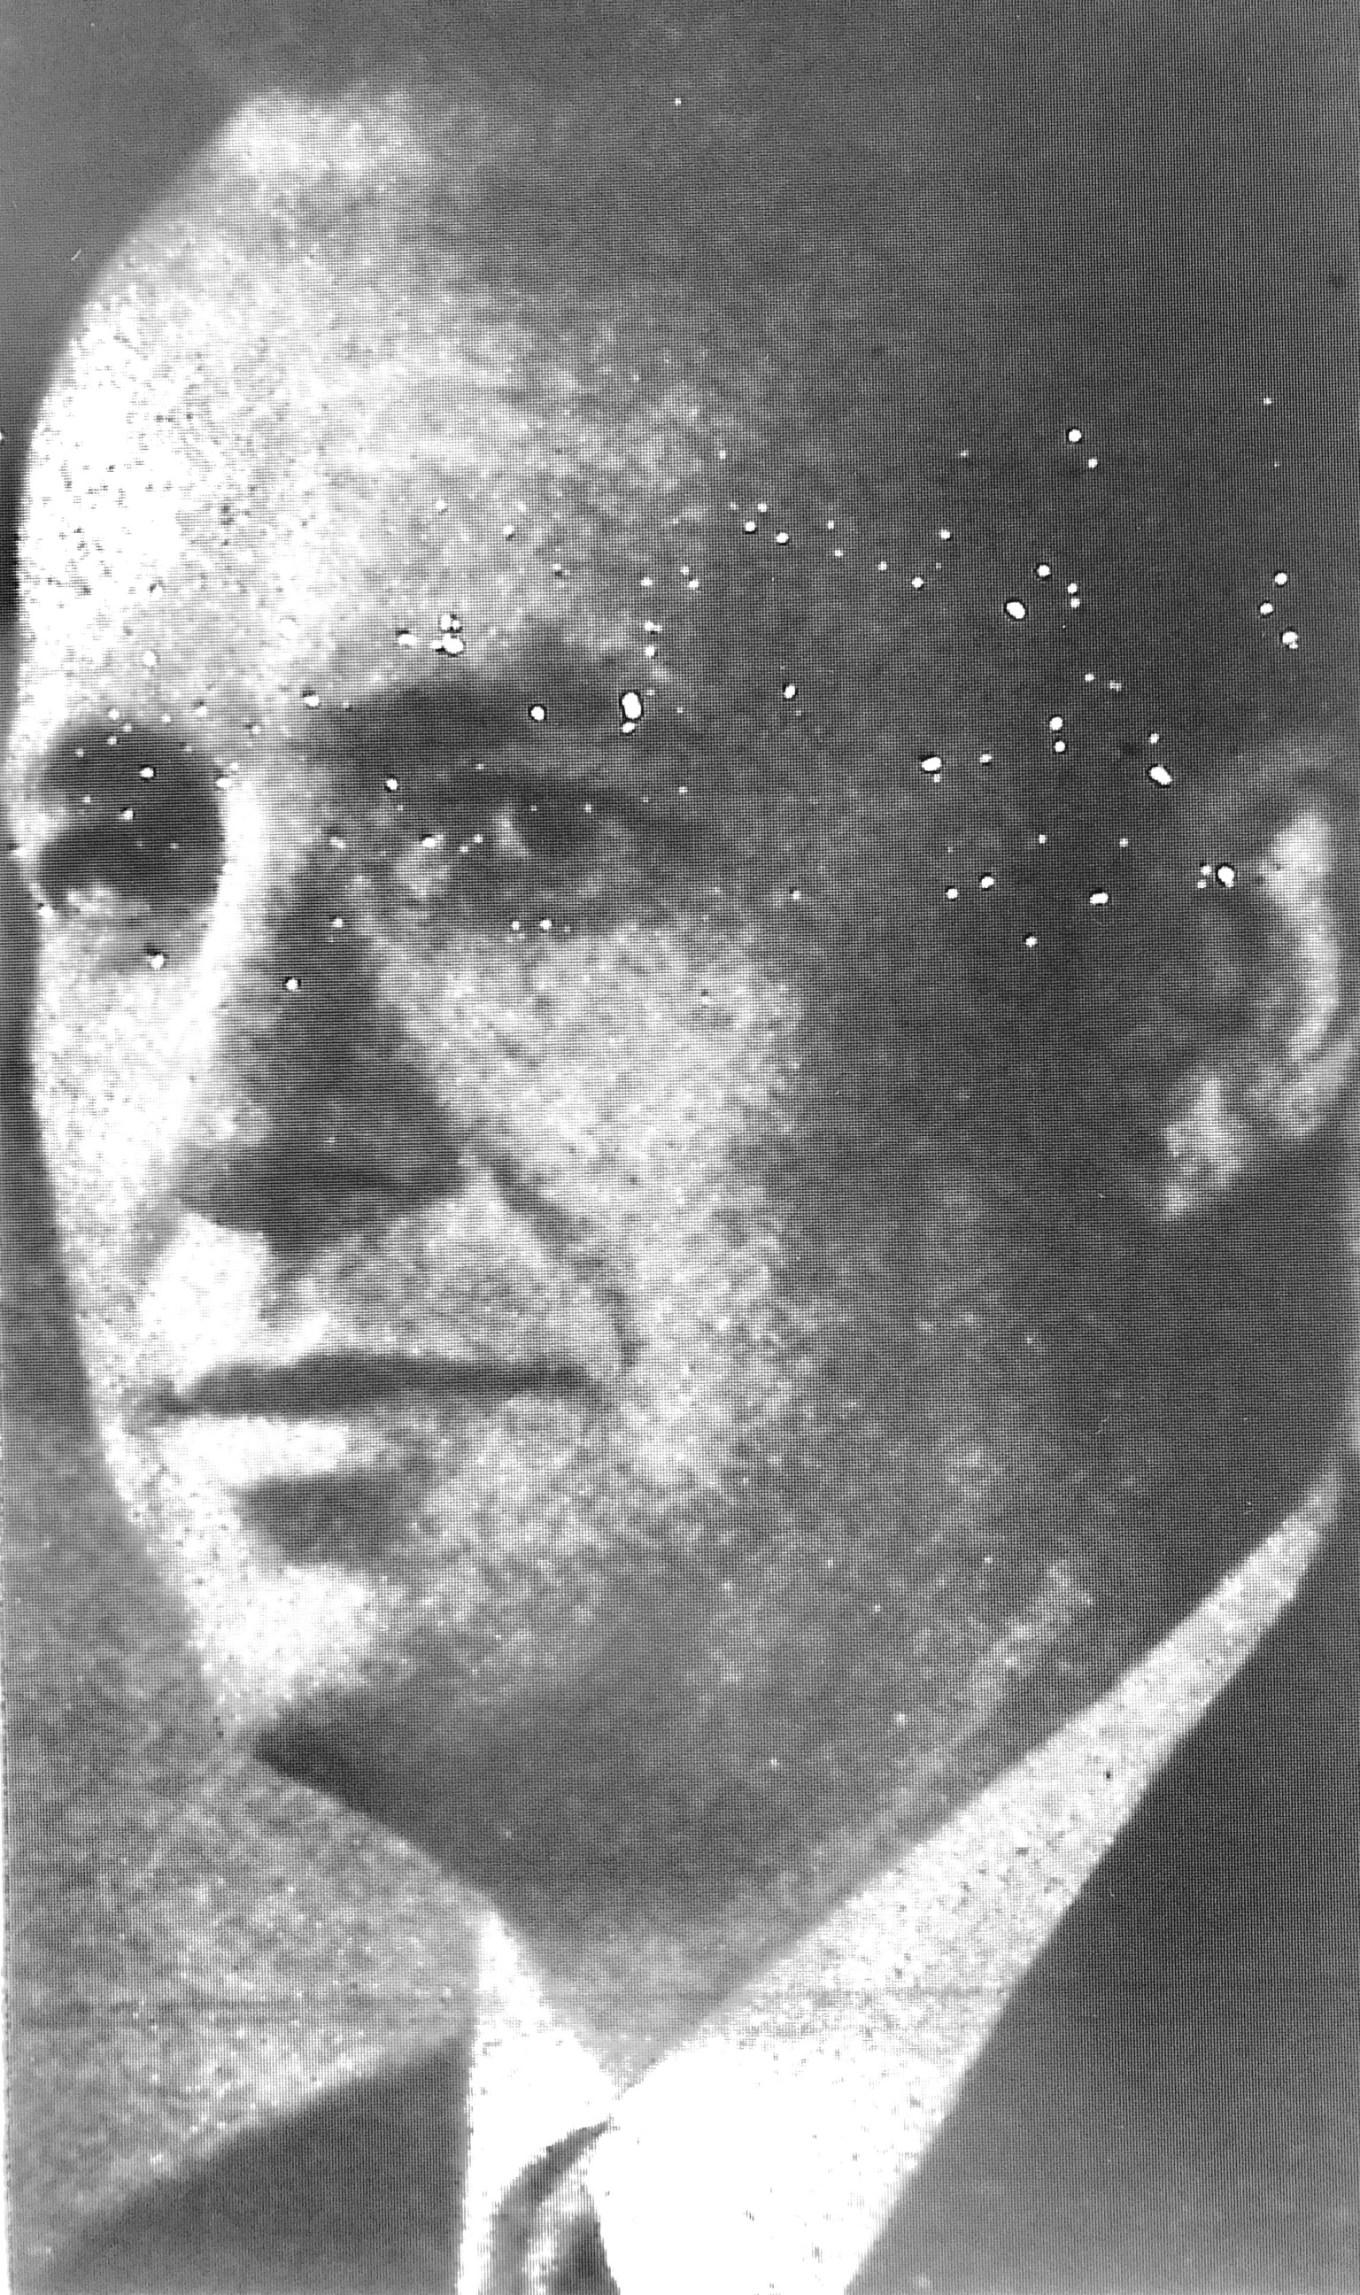 Joe Keohane